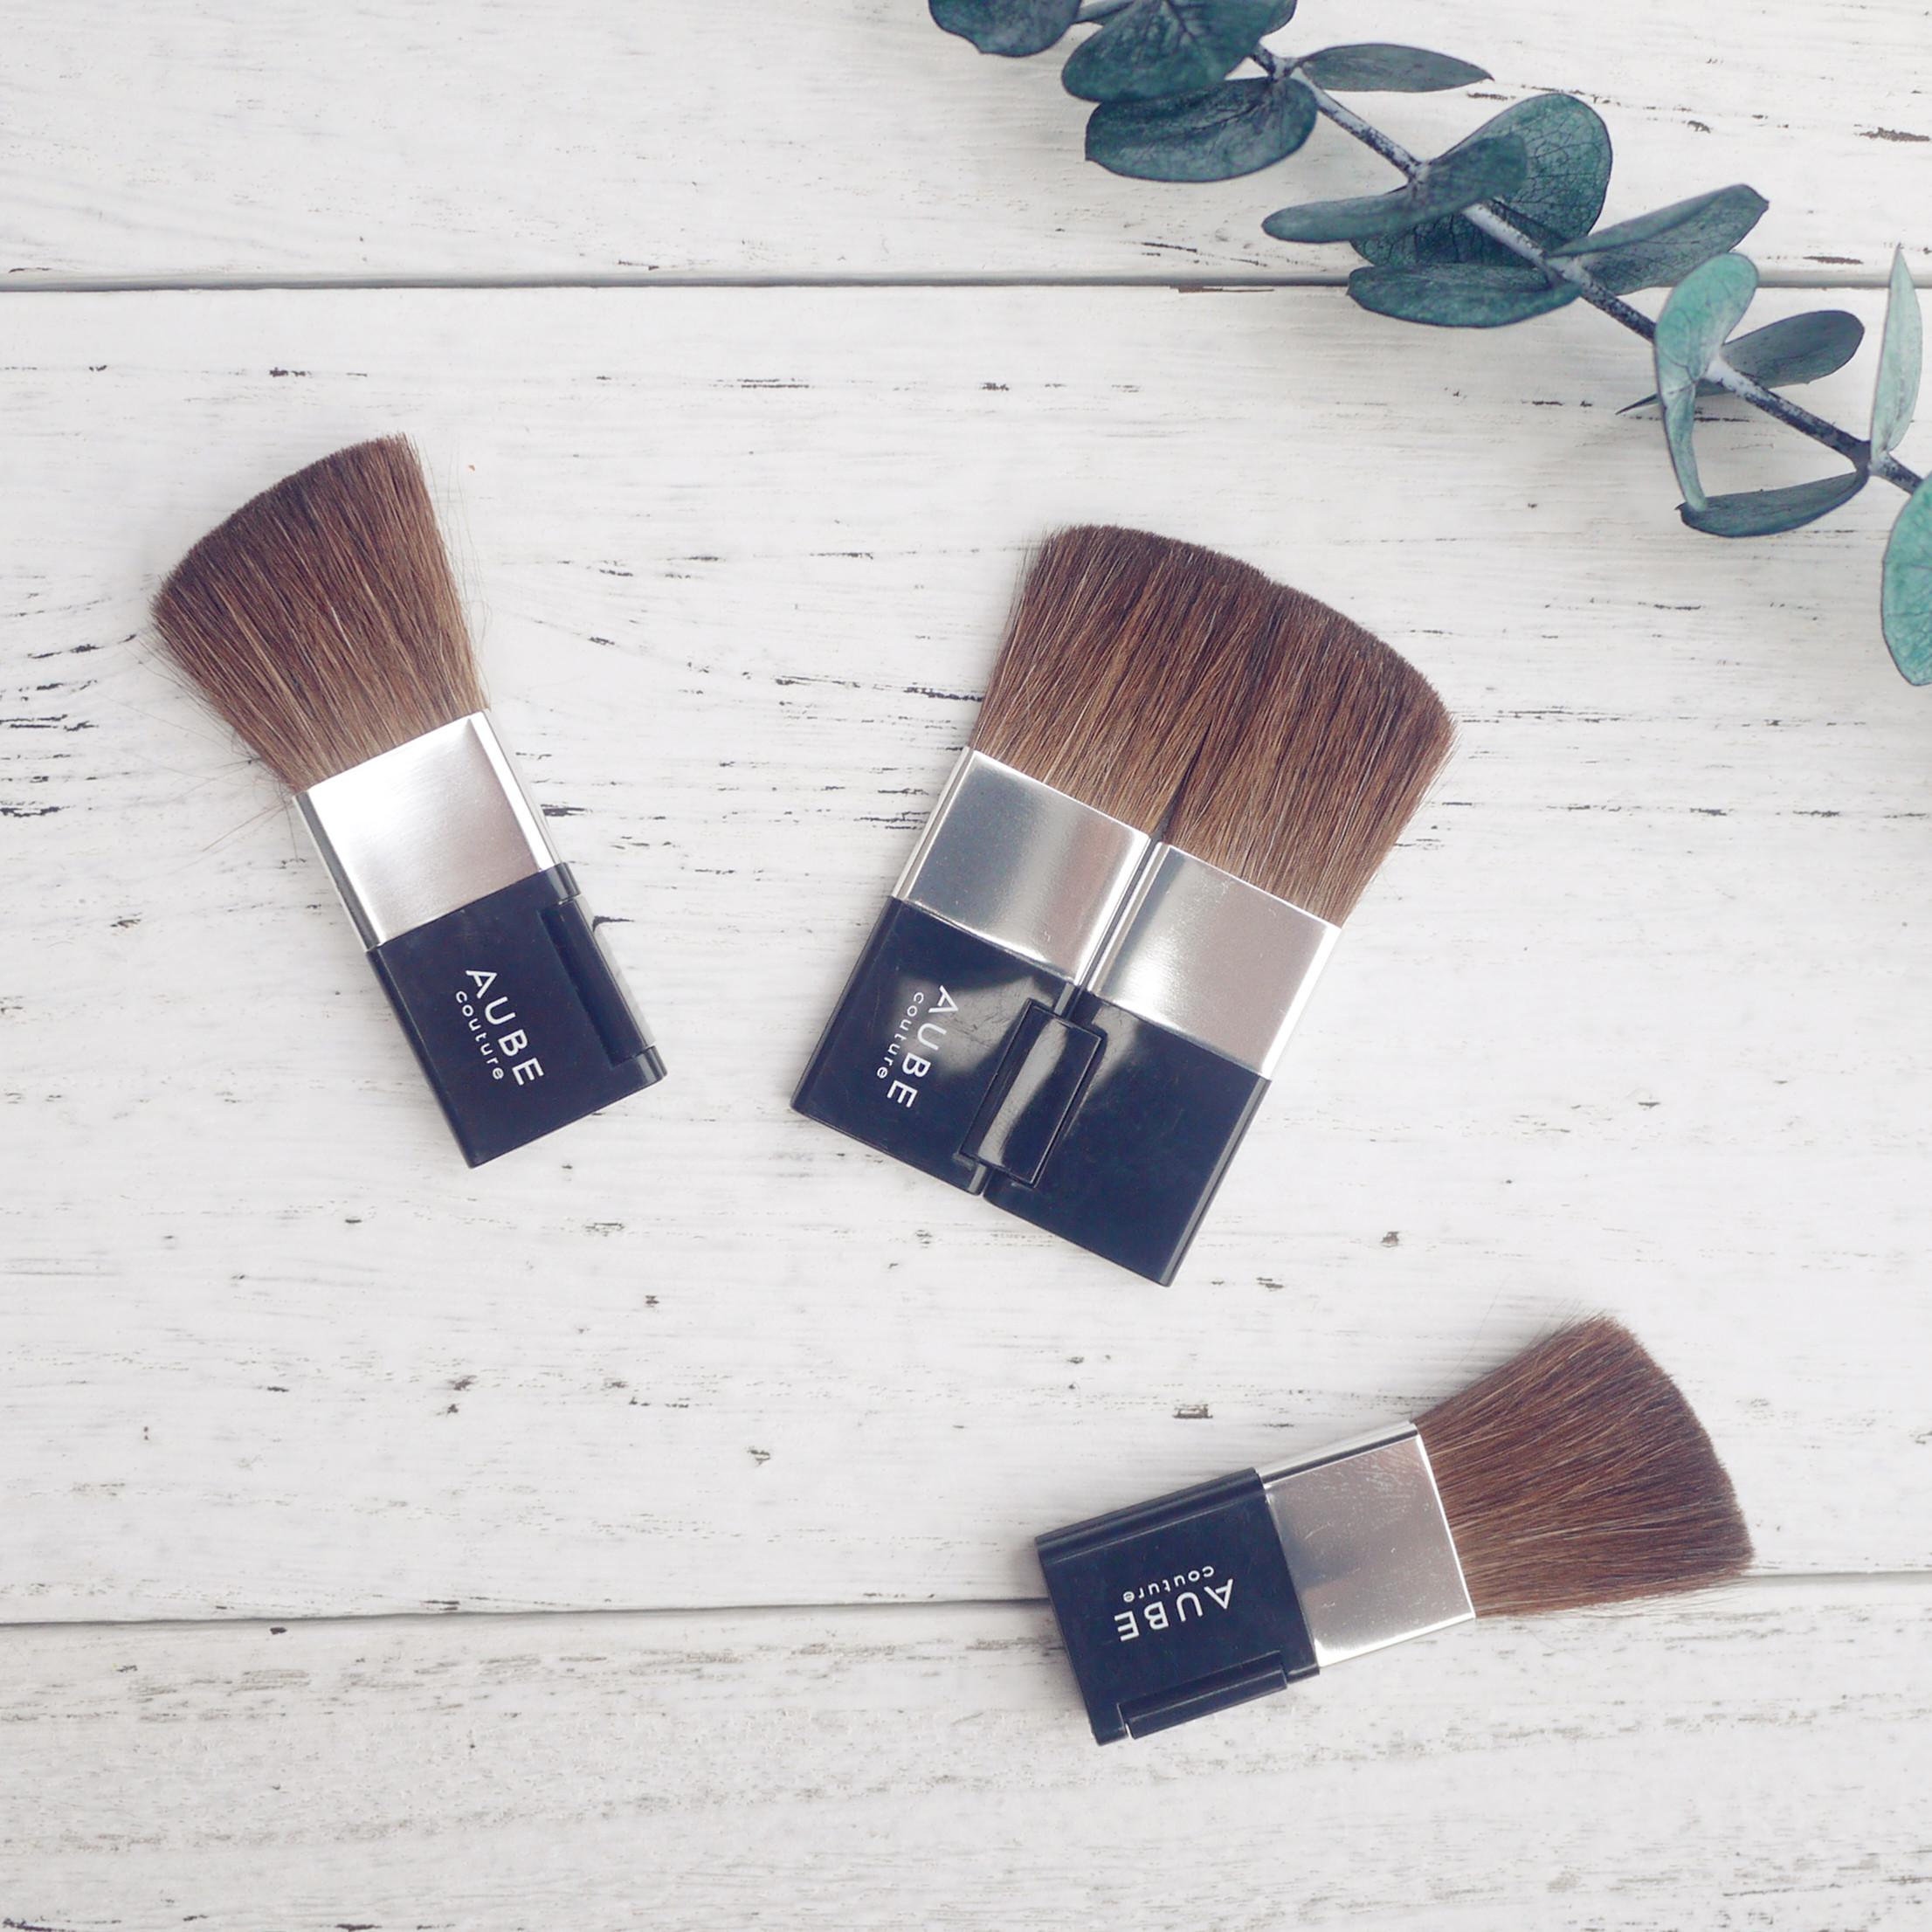 New authentic Japanese original single folding professional makeup brush foundation brush, blush brush powder brush 07